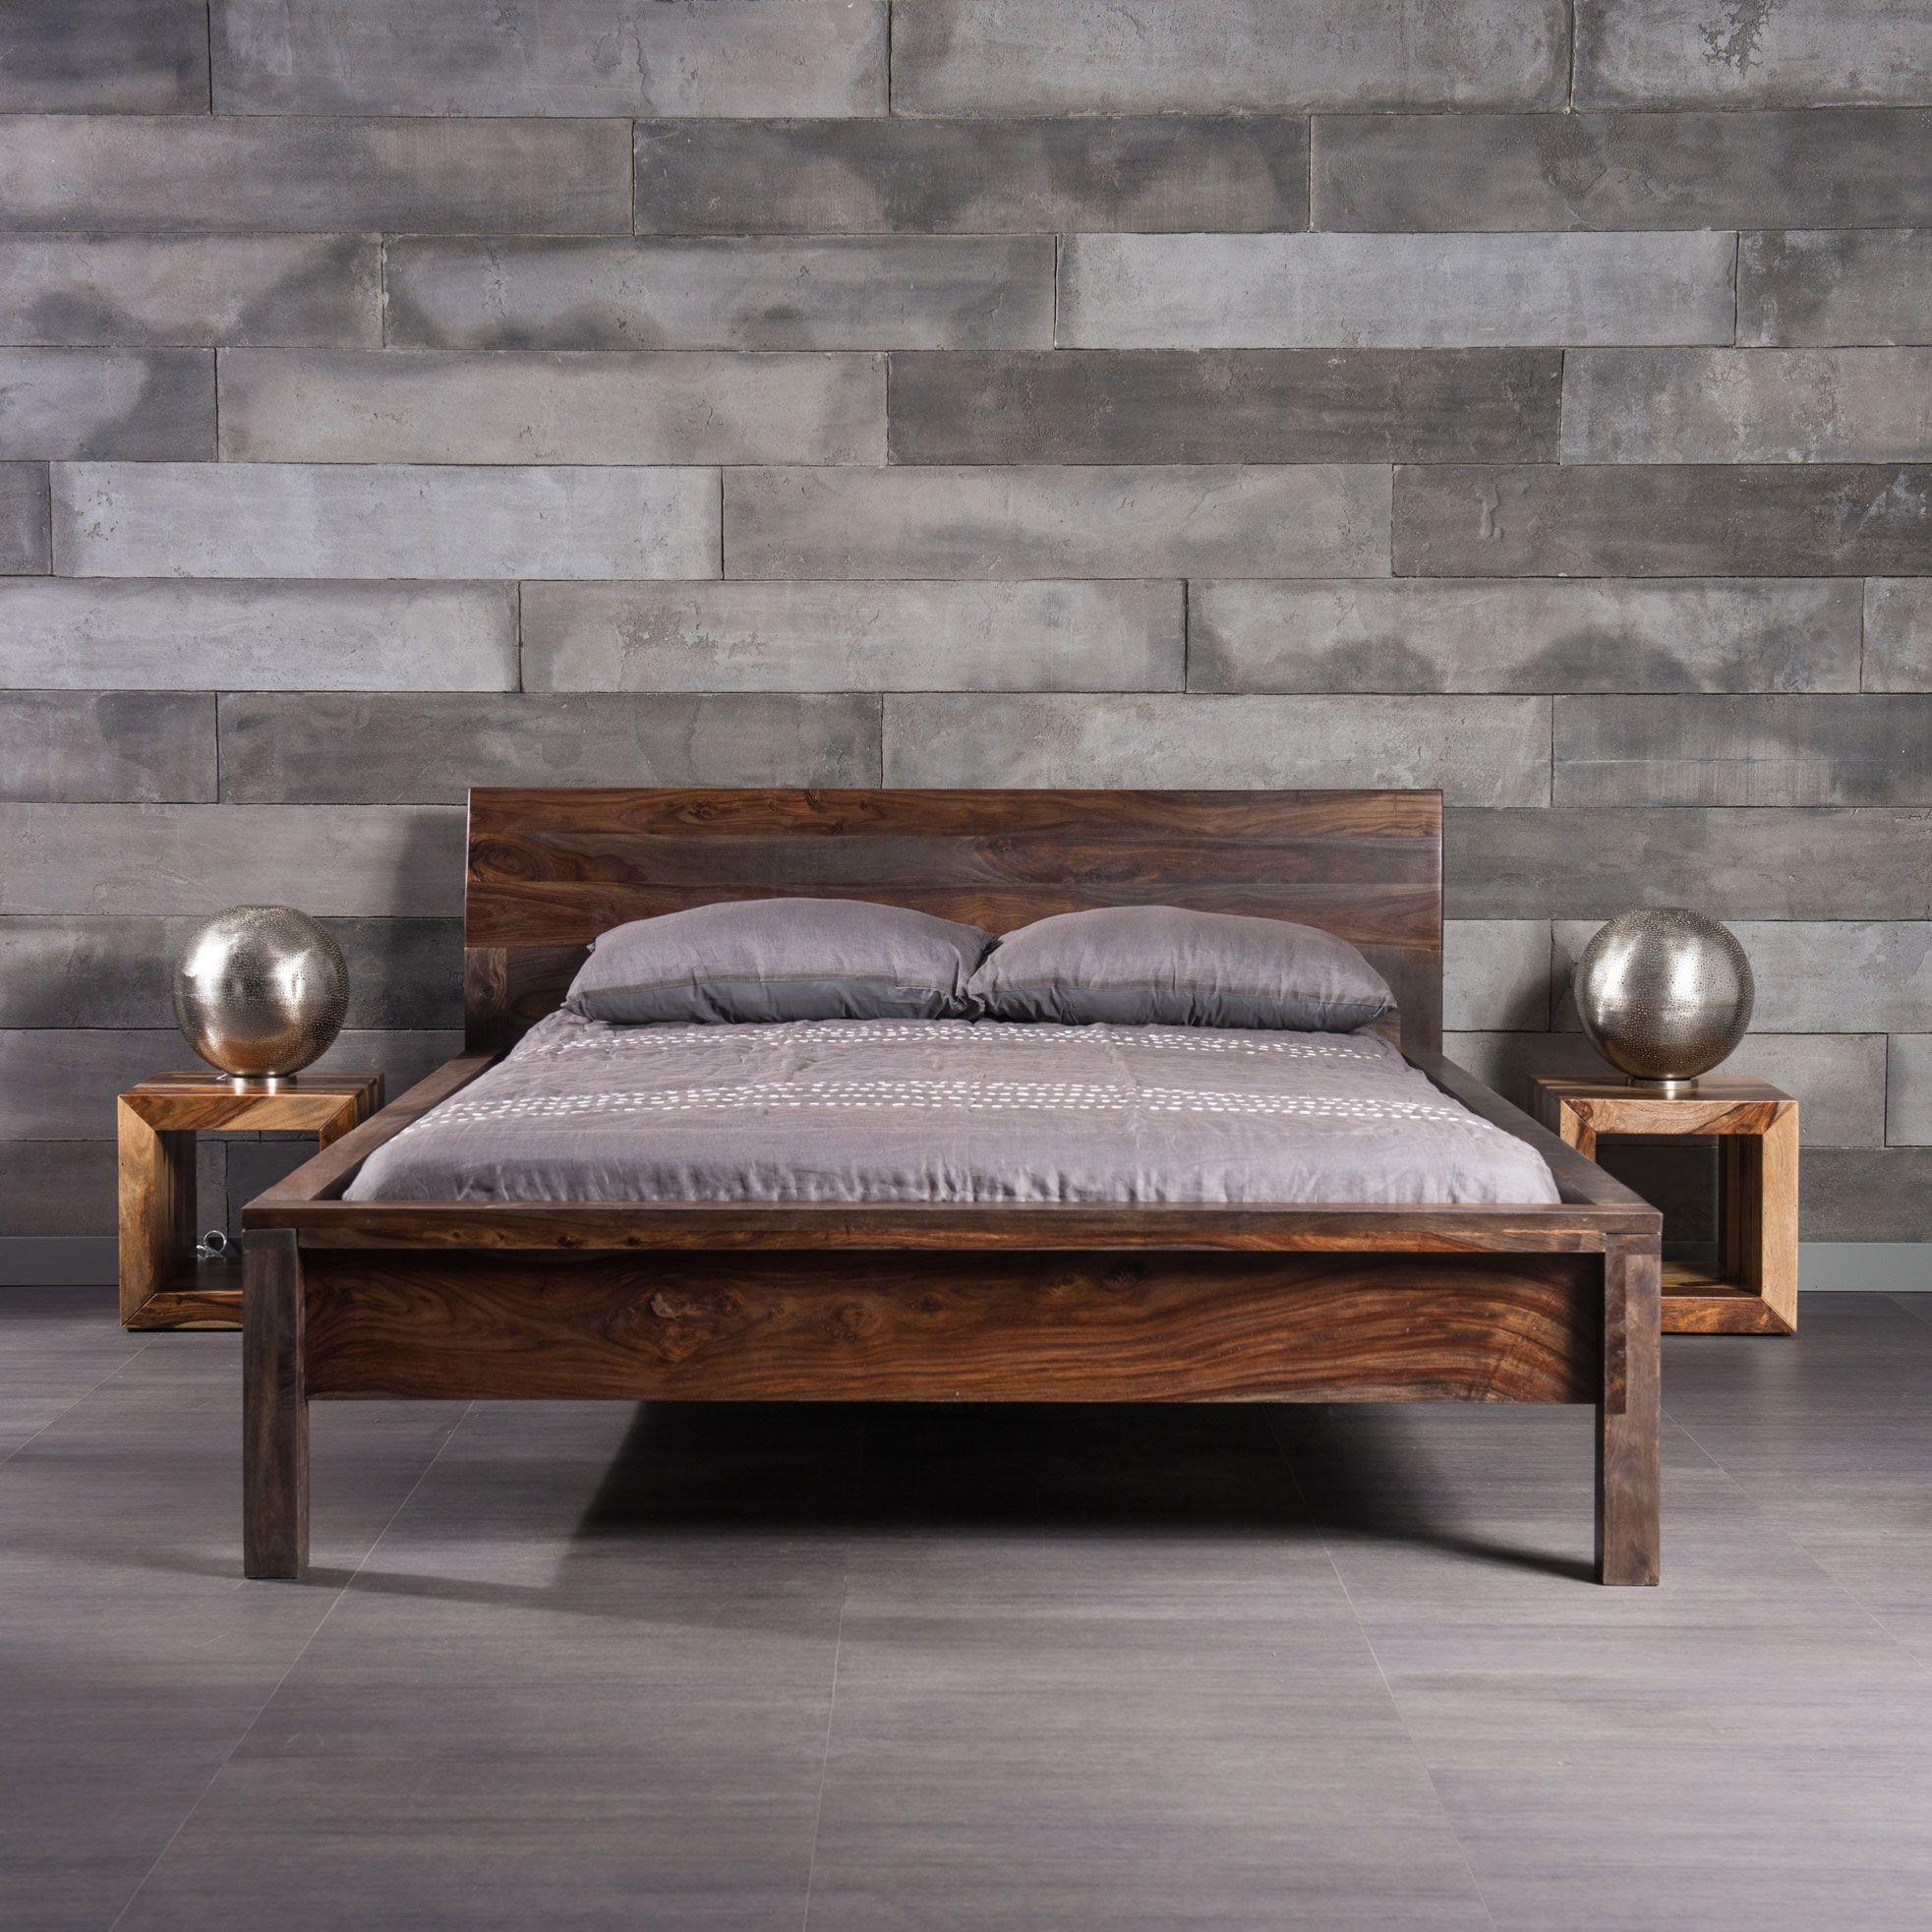 Tete De Lit Porte De Grange lit bella en bois de rose | mobilier de chambre, mobilier de